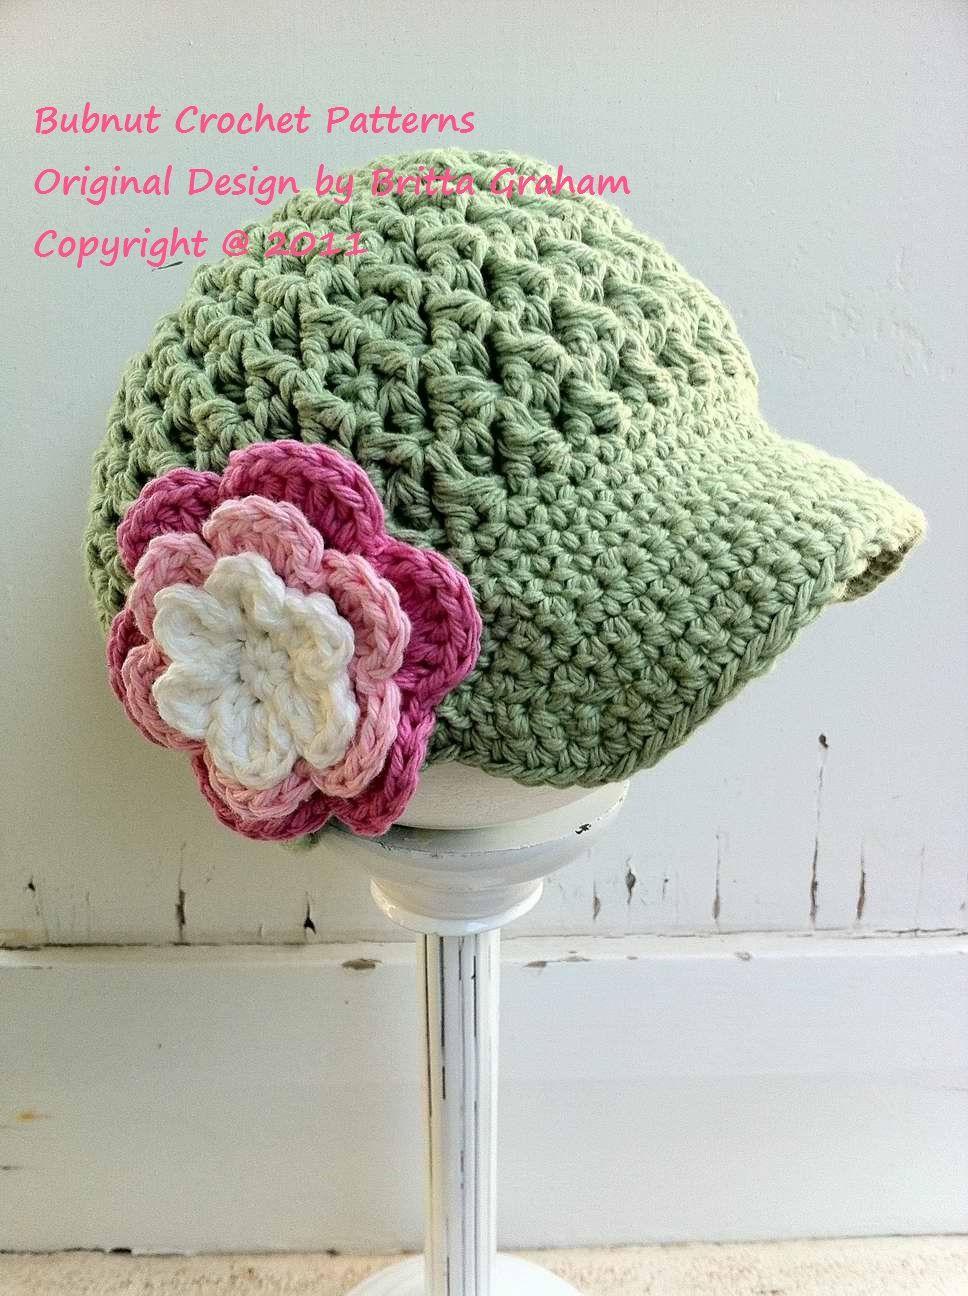 Hat Crochet Pattern - Textured Newsboy Cap Crochet Pattern | Crochet ...